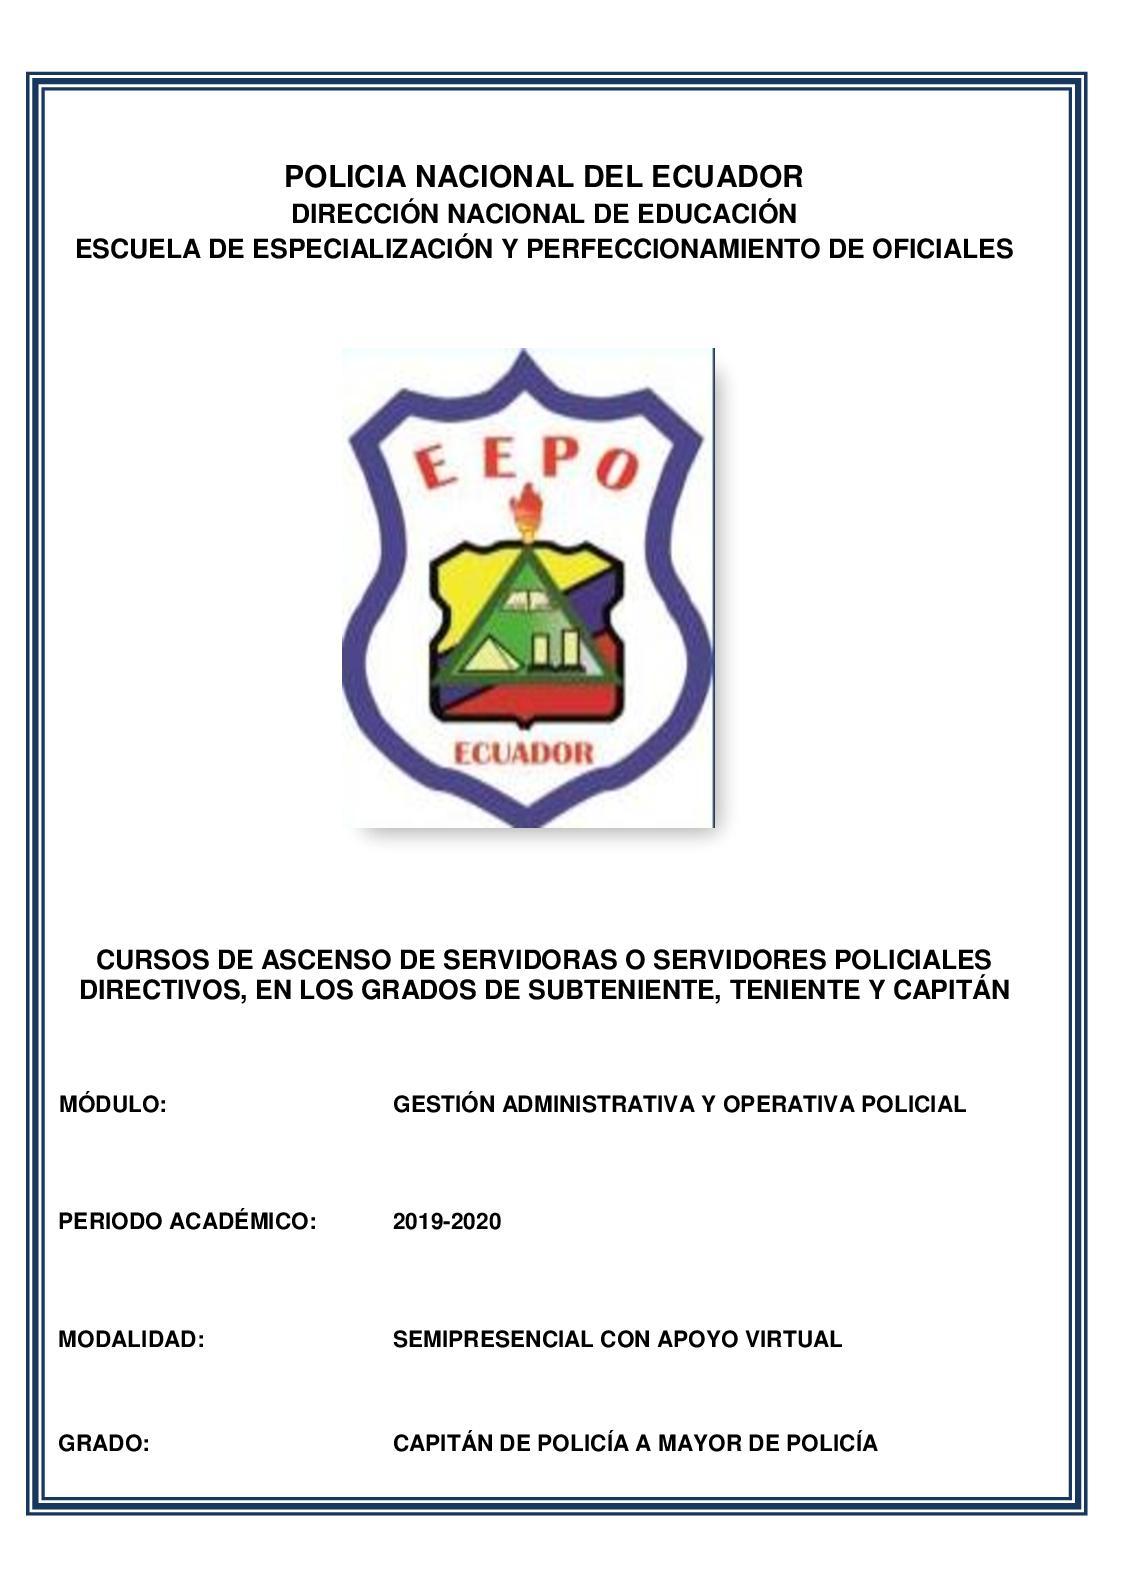 Calaméo Gestión Administrativa Y Operativa Policial Unidad 3